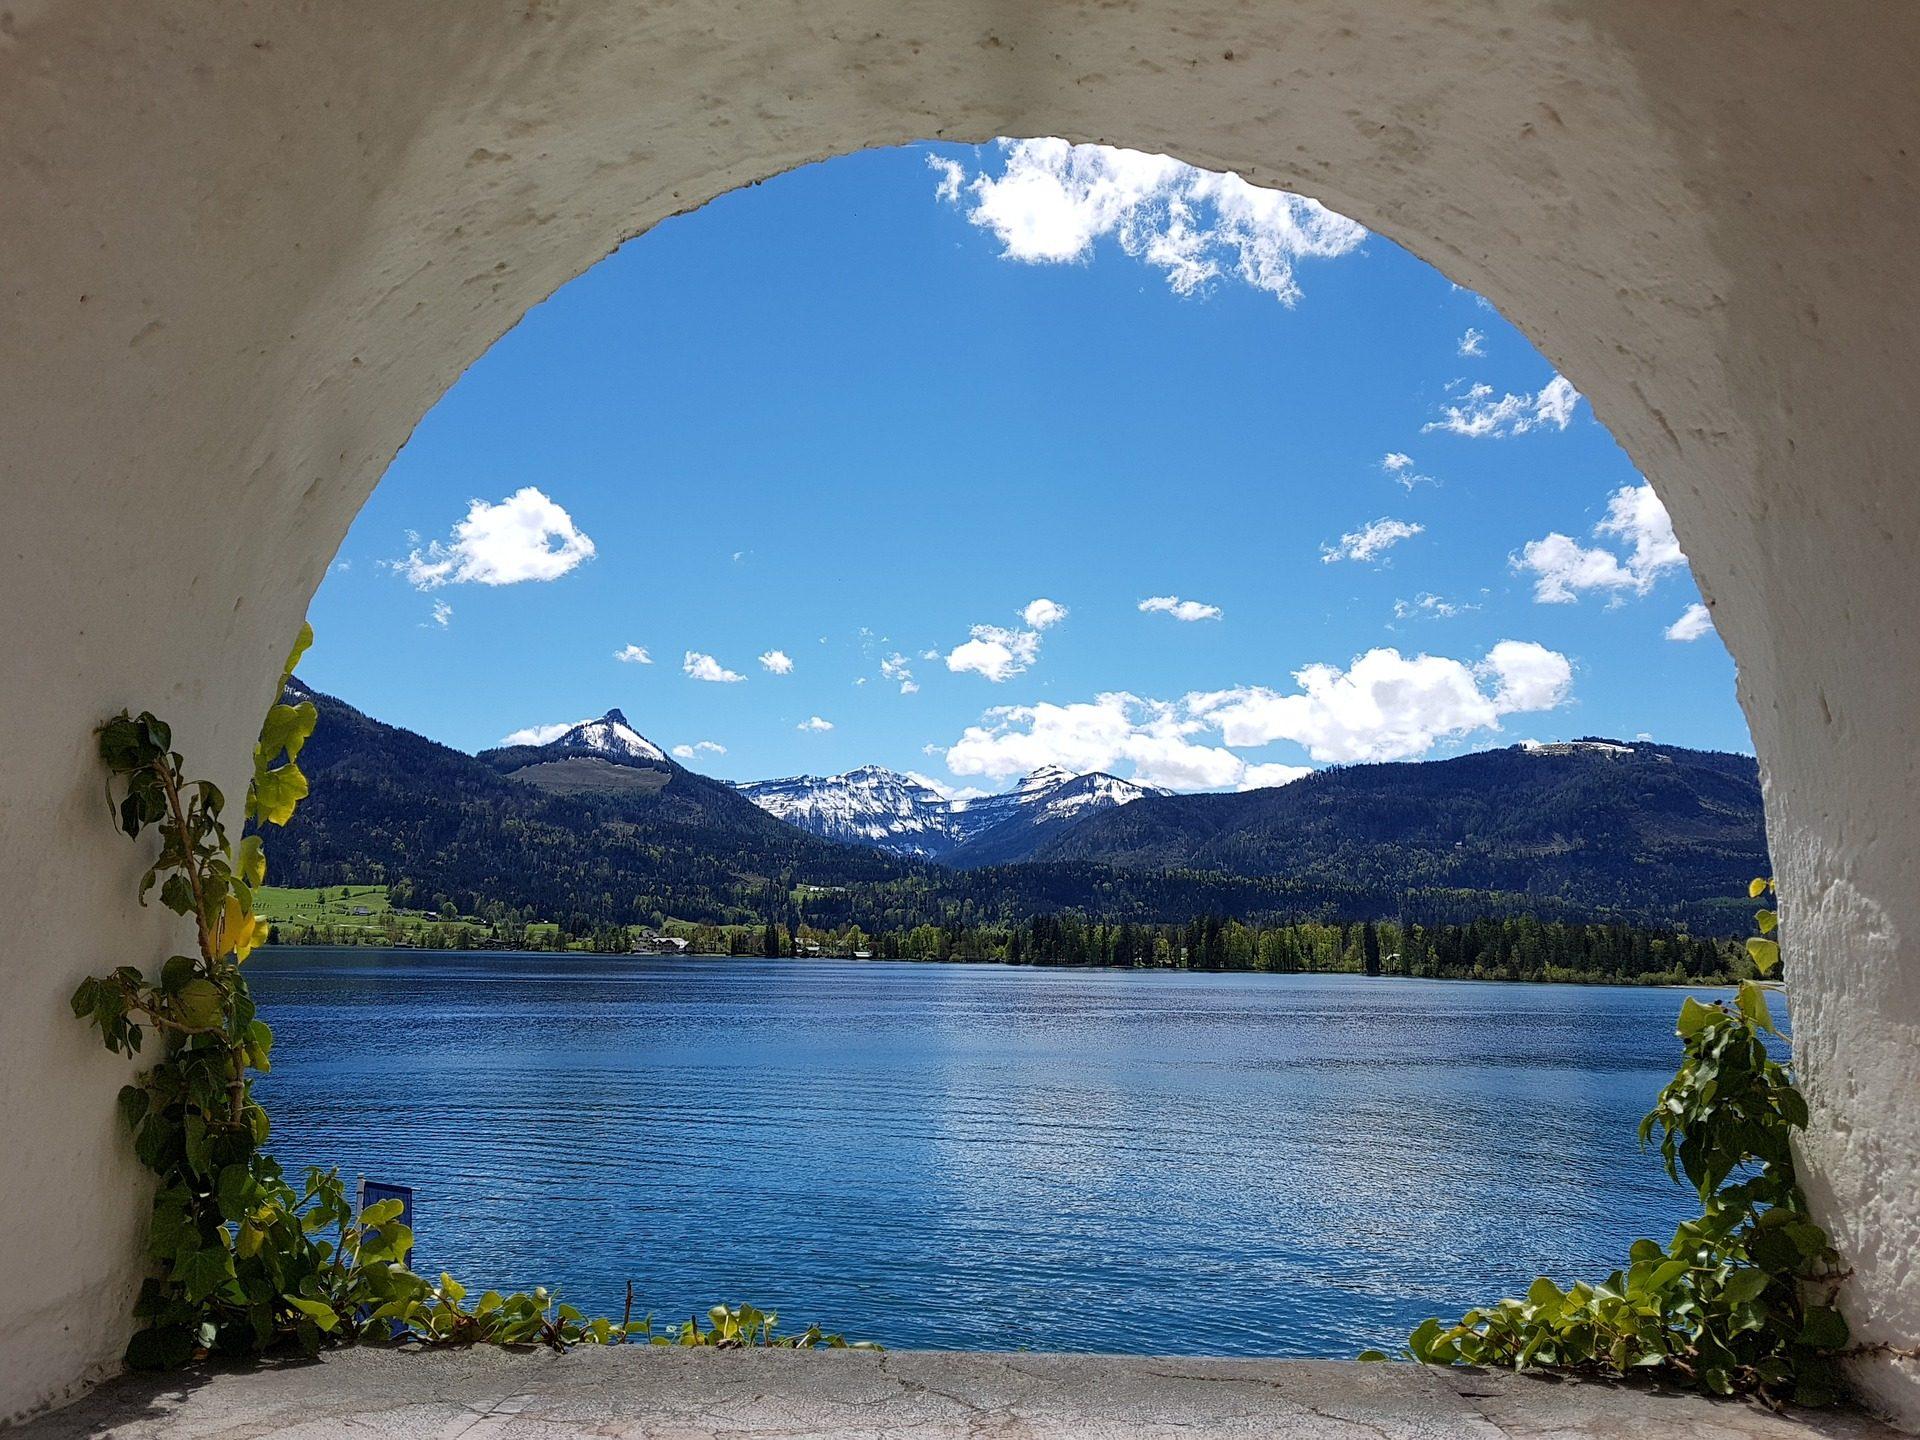 ΤΌΞΟ, Λίμνη, Montañas, δέντρα, χιόνι, Ουρανός, σύννεφα - Wallpapers HD - Professor-falken.com